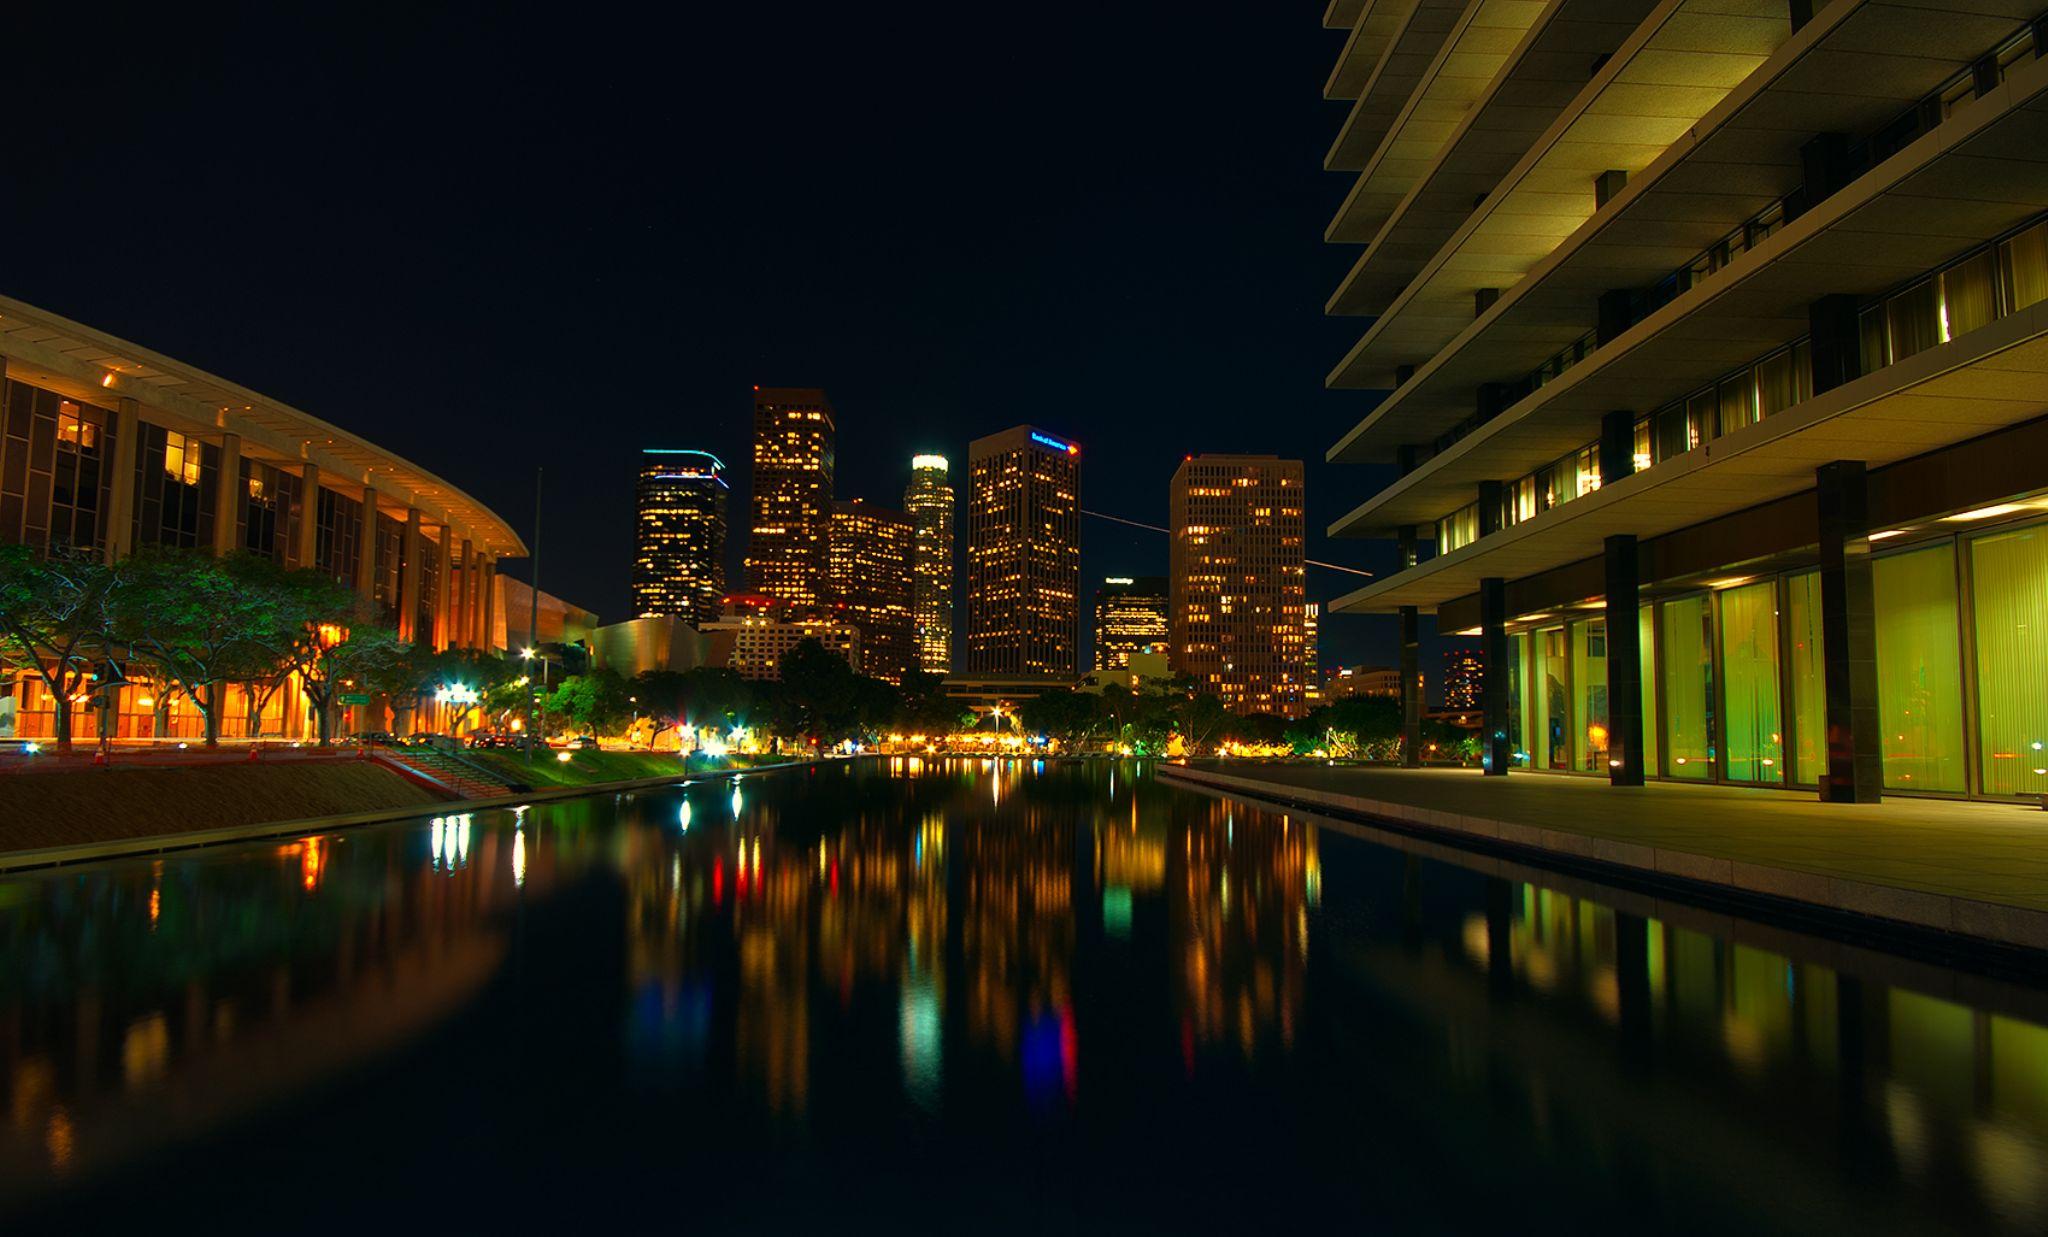 Los Angeles CA by Jaime O. Frias